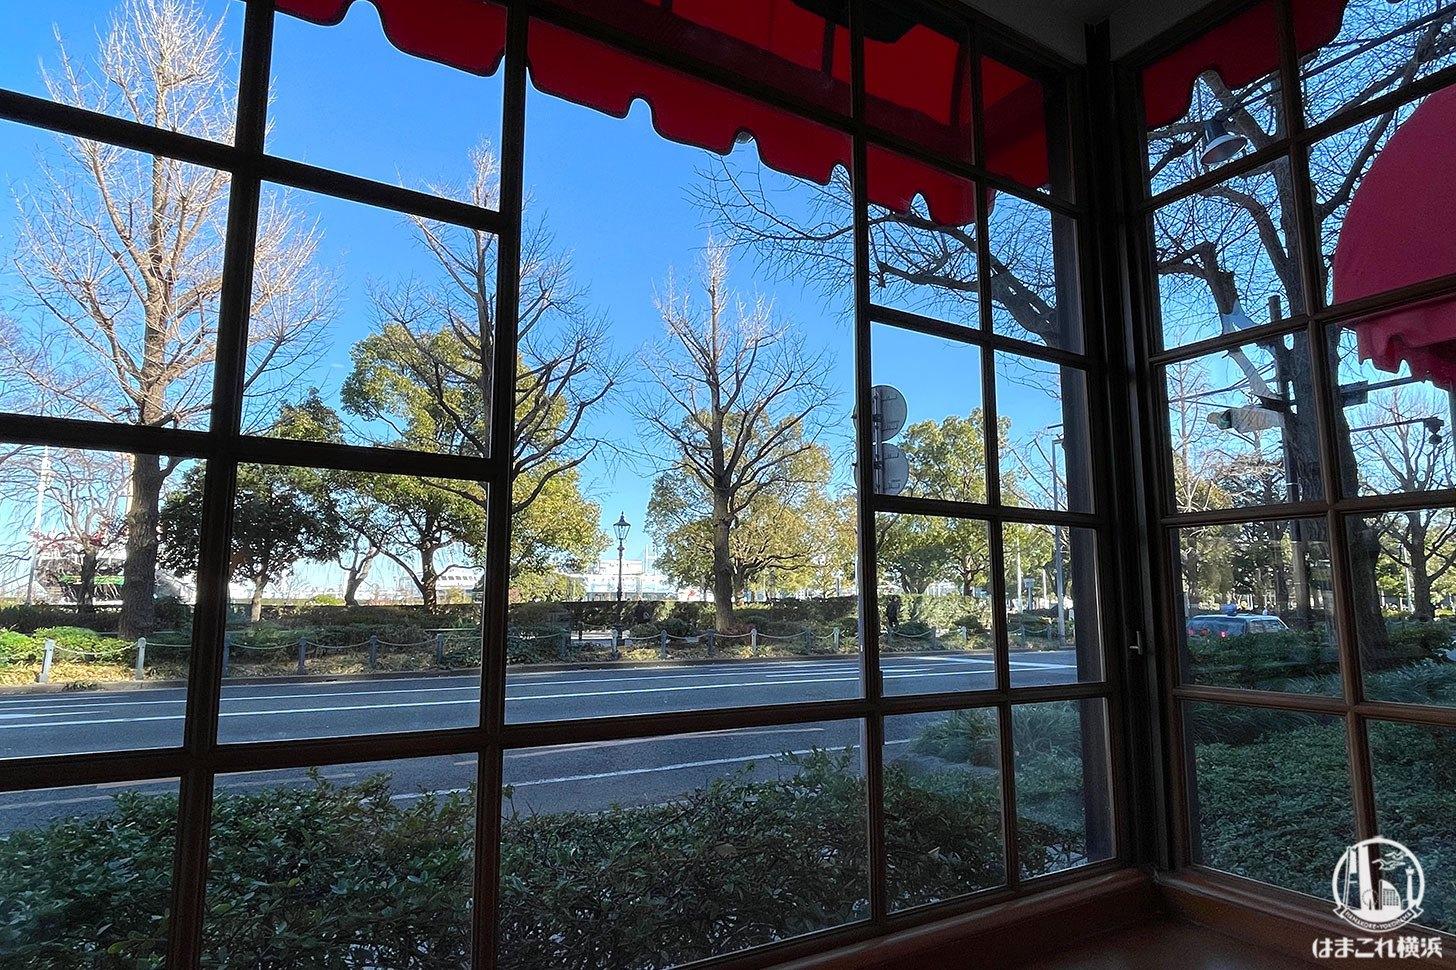 ホテルニューグランド ザ・カフェ 窓側の席からの景色